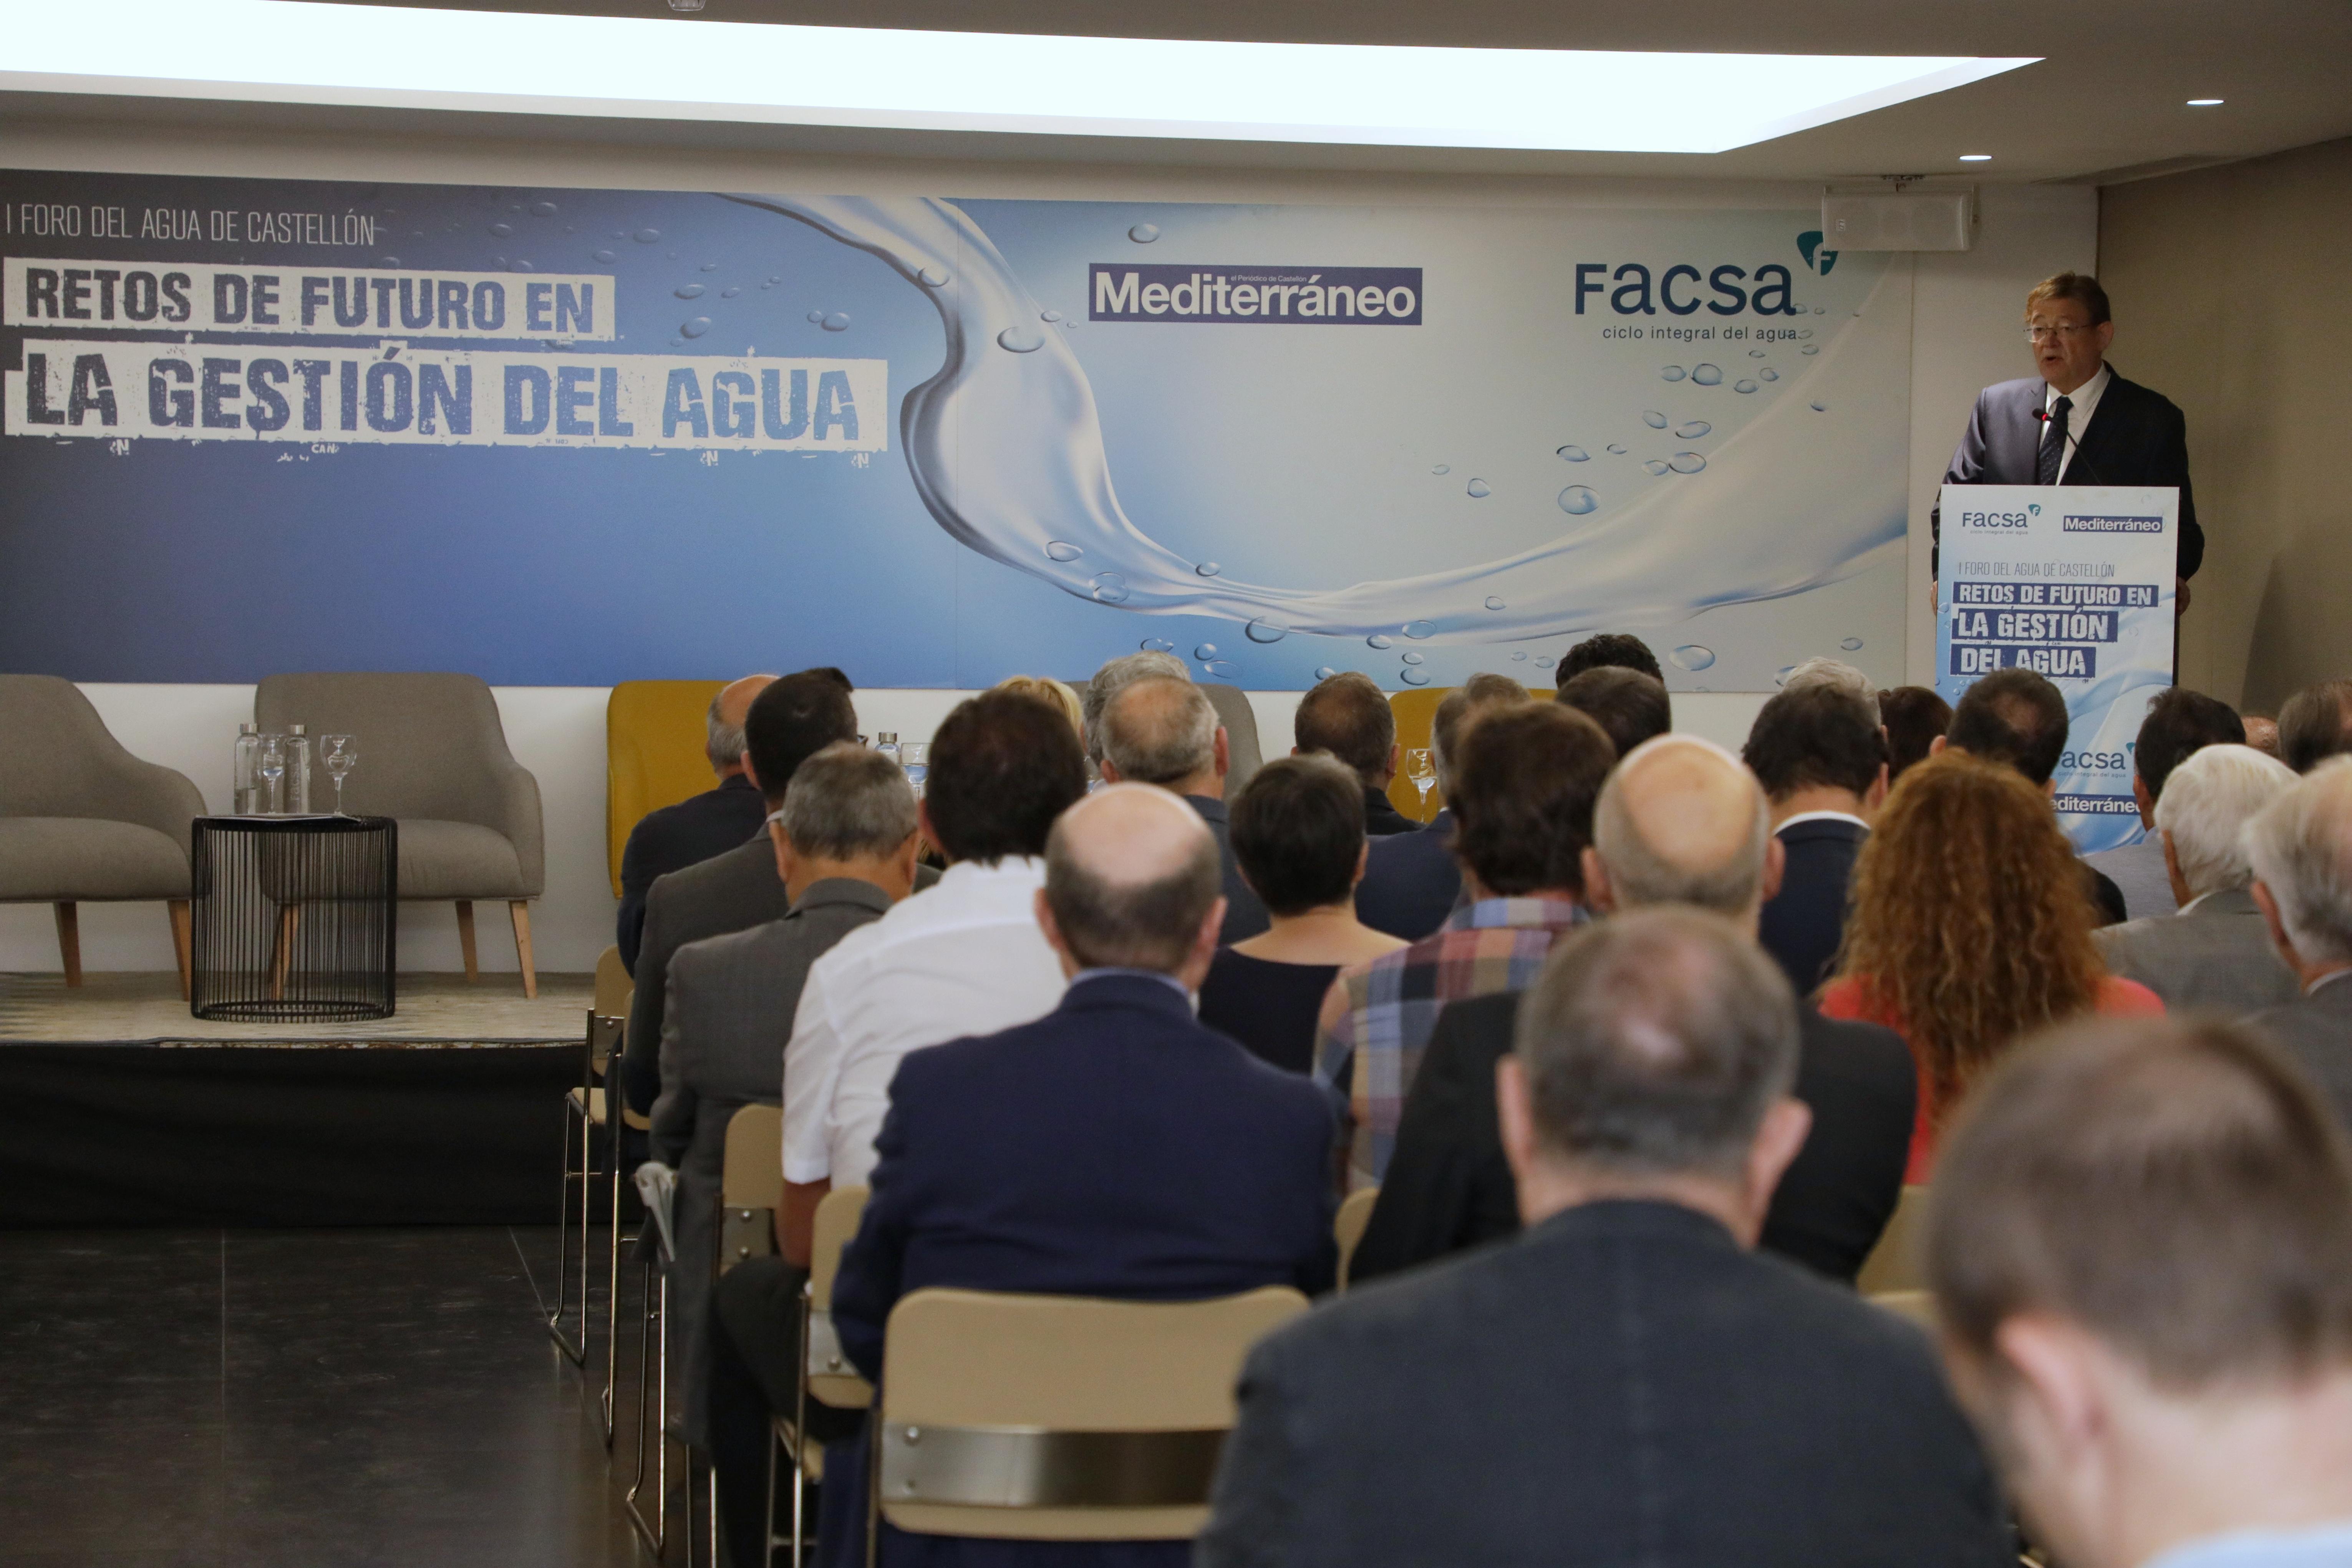 Ximo Puig avanza que el tercer plan de saneamiento impulsará la reutilización y apuesta por la cogestión del agua